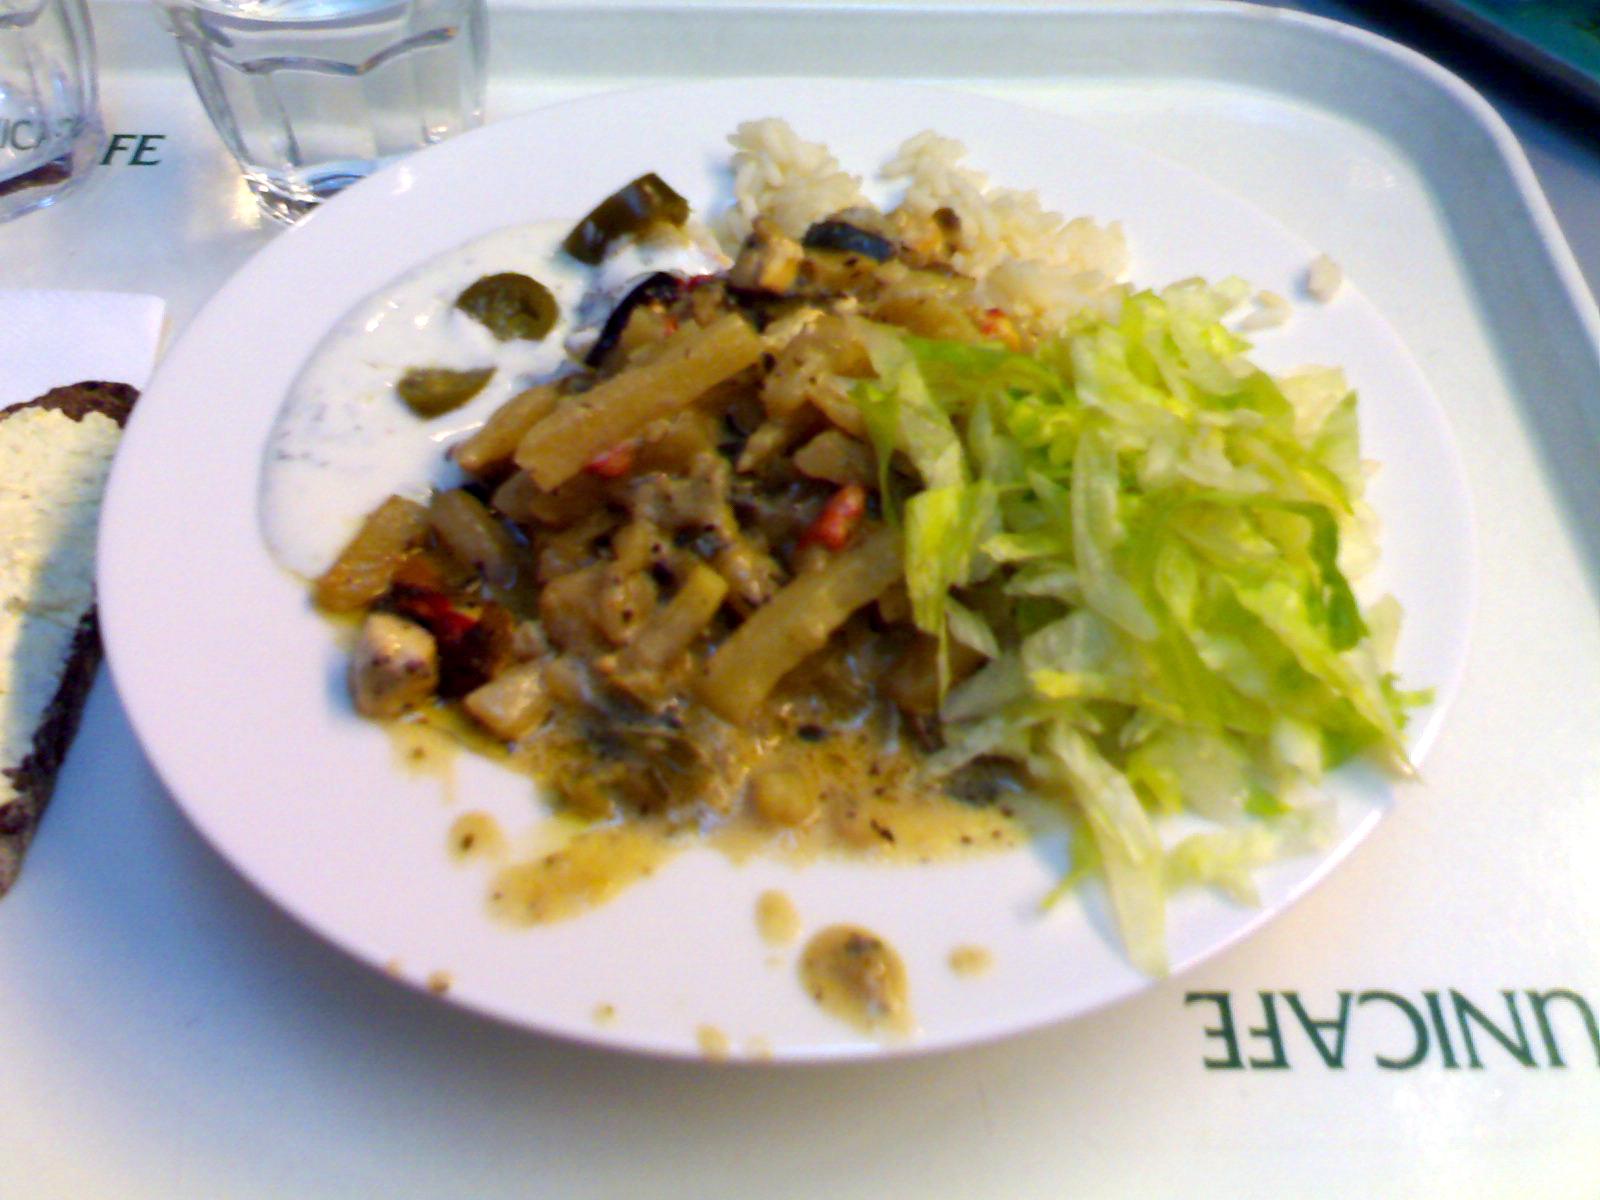 Unicafe Chemicum, Helsinki: kreikkalainen kasviskiusaus